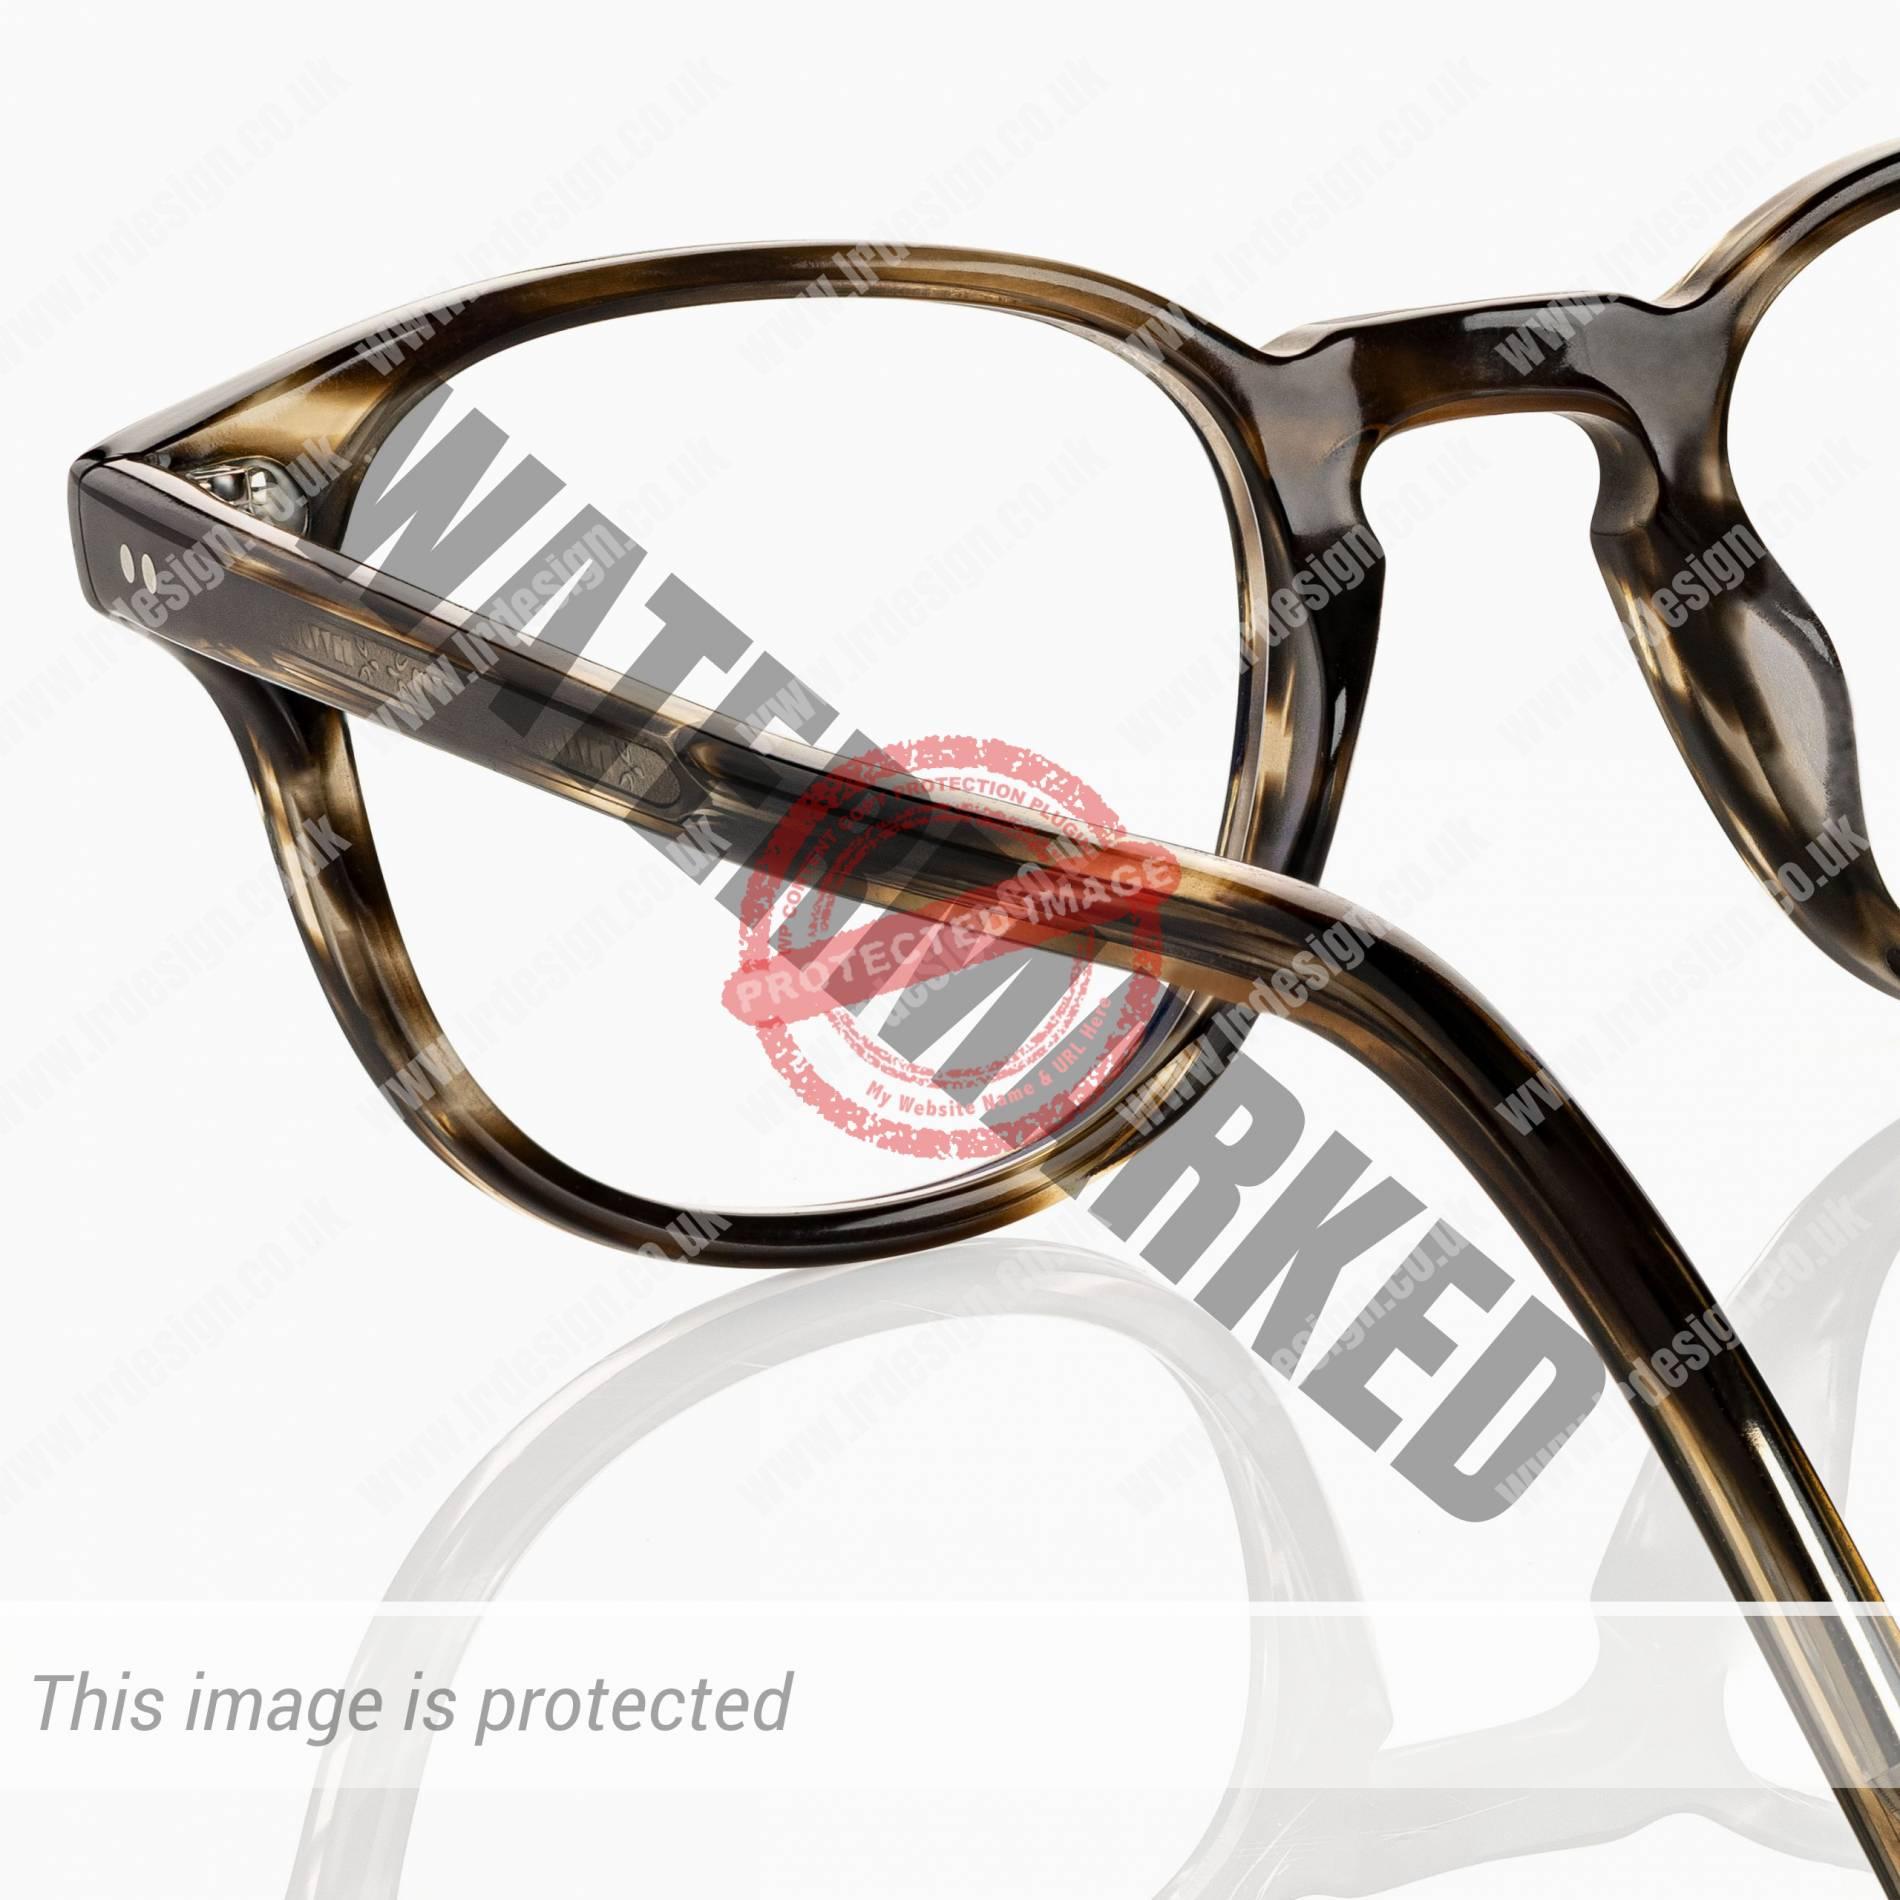 Oliver Peoples designer glasses, close up side profile.